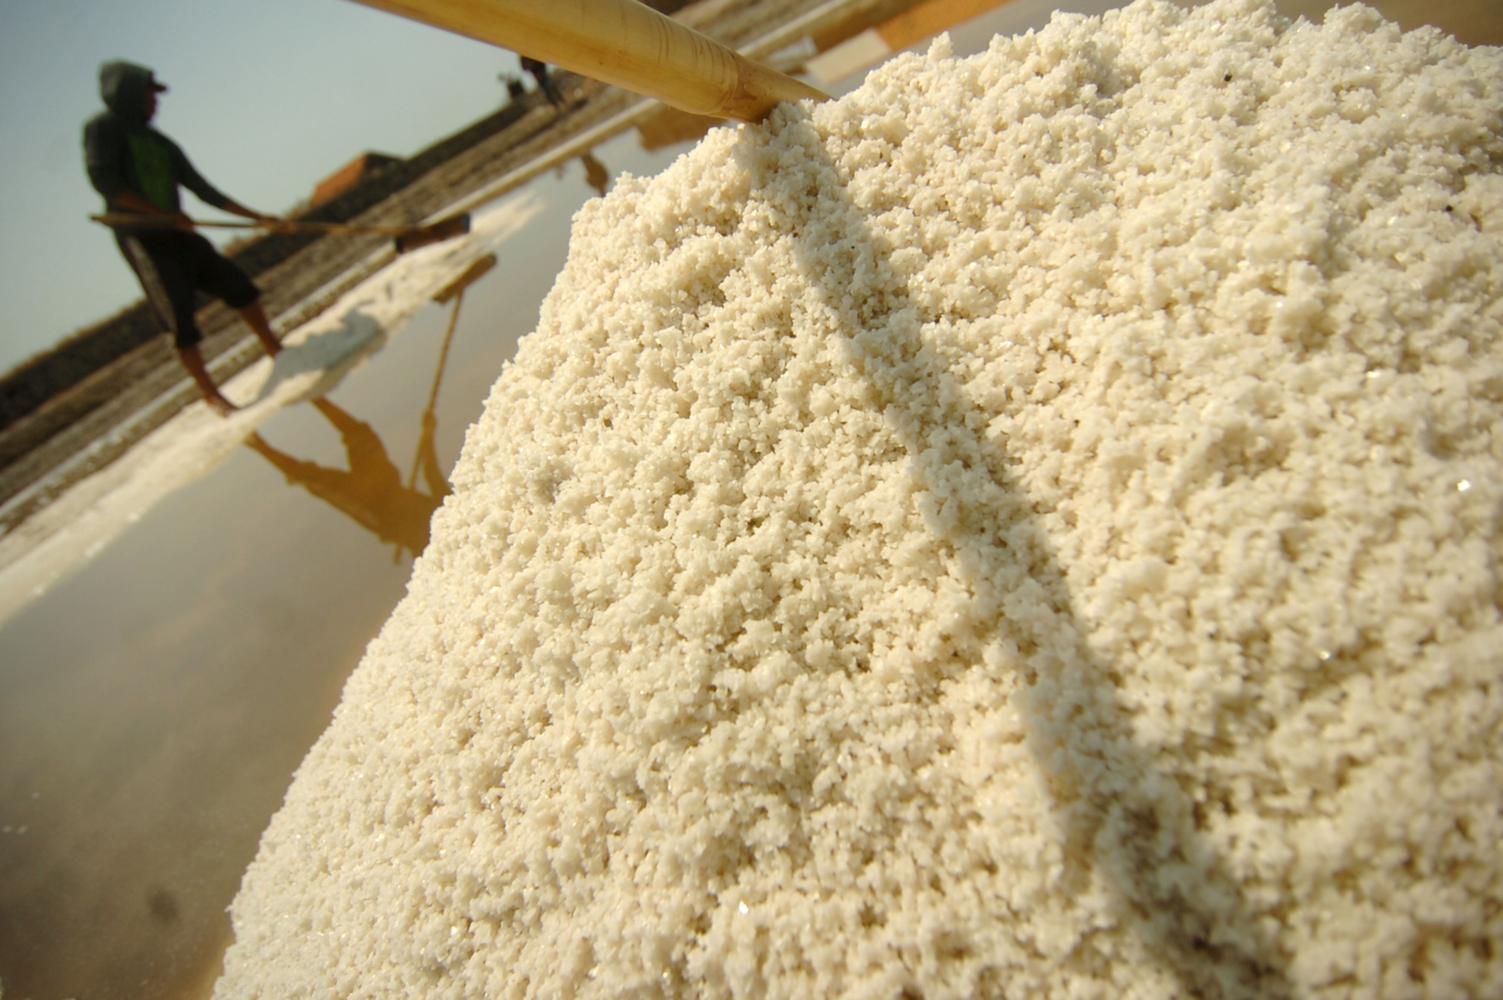 Hingga Oktober, pemerintah telah mengimpor 2,26 juta ton garam untuk memenuhi kebutuhan industri.